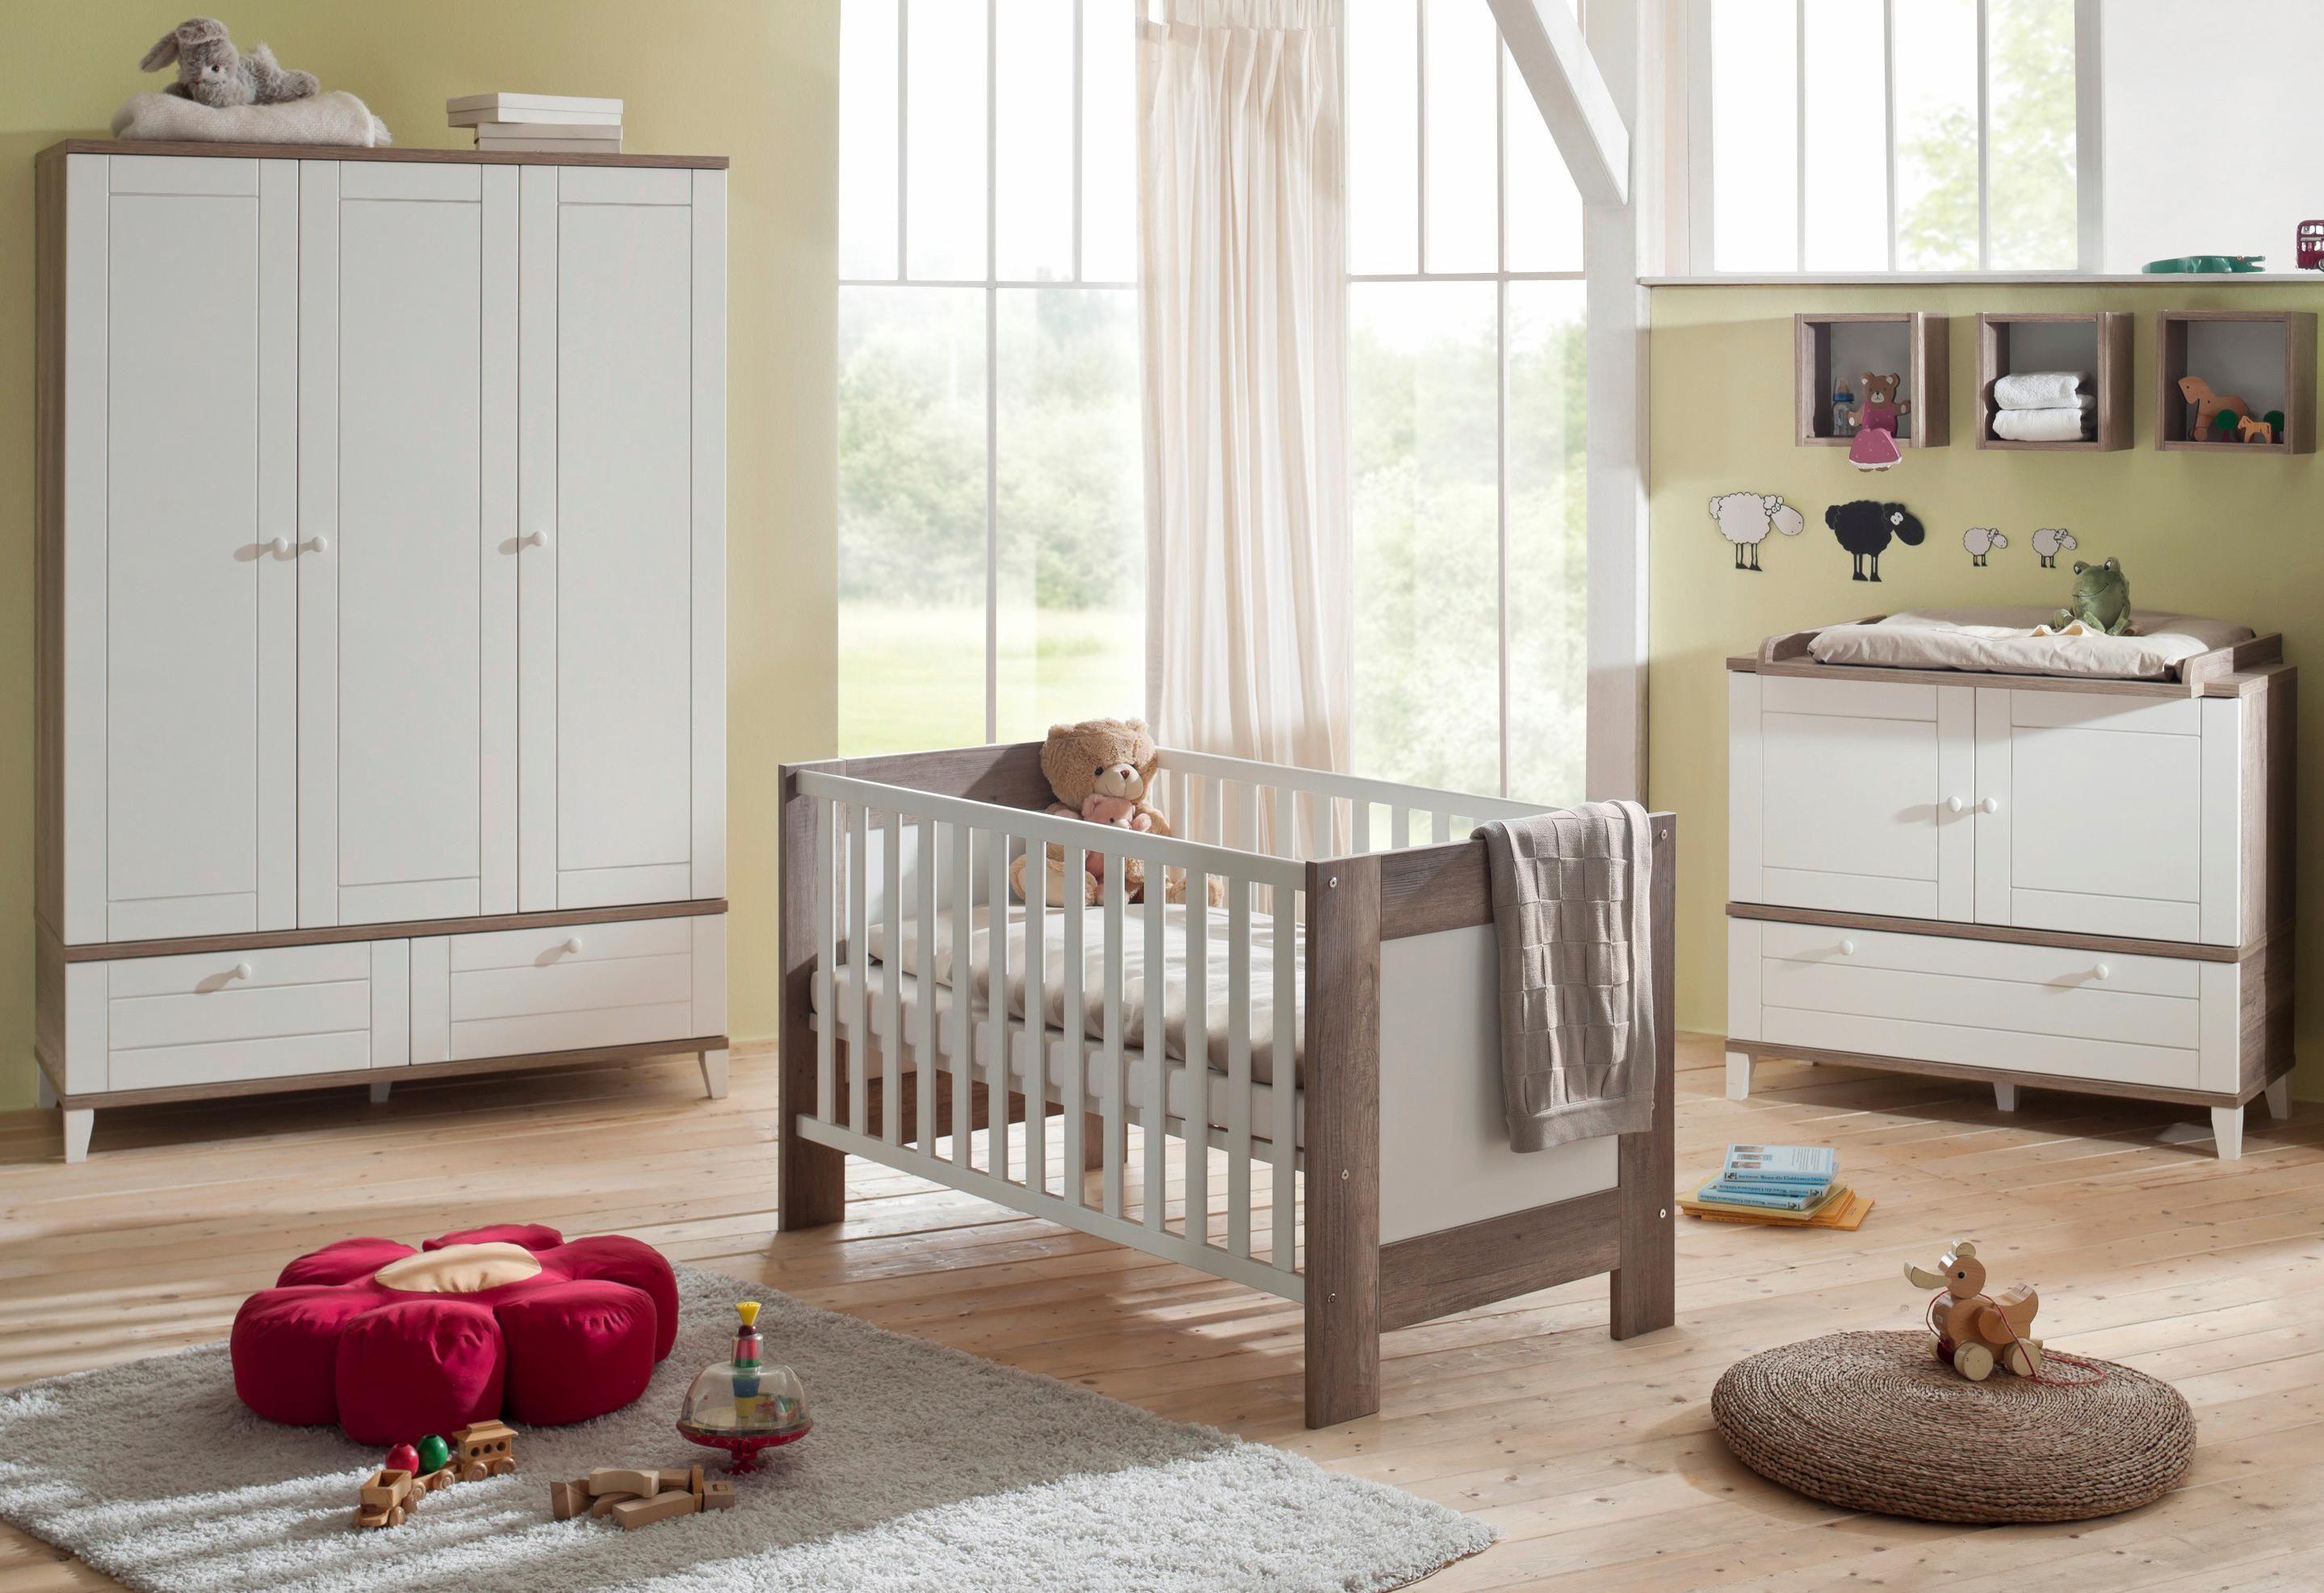 Komplett babyzimmer bella« im landhausstil babybett